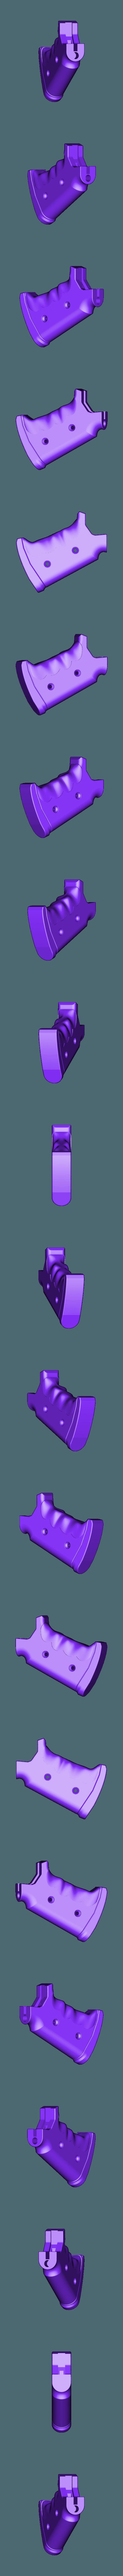 grip_full.stl Télécharger fichier STL gratuit POIGNÉE Warhammer 40K • Modèle pour imprimante 3D, TheTNR